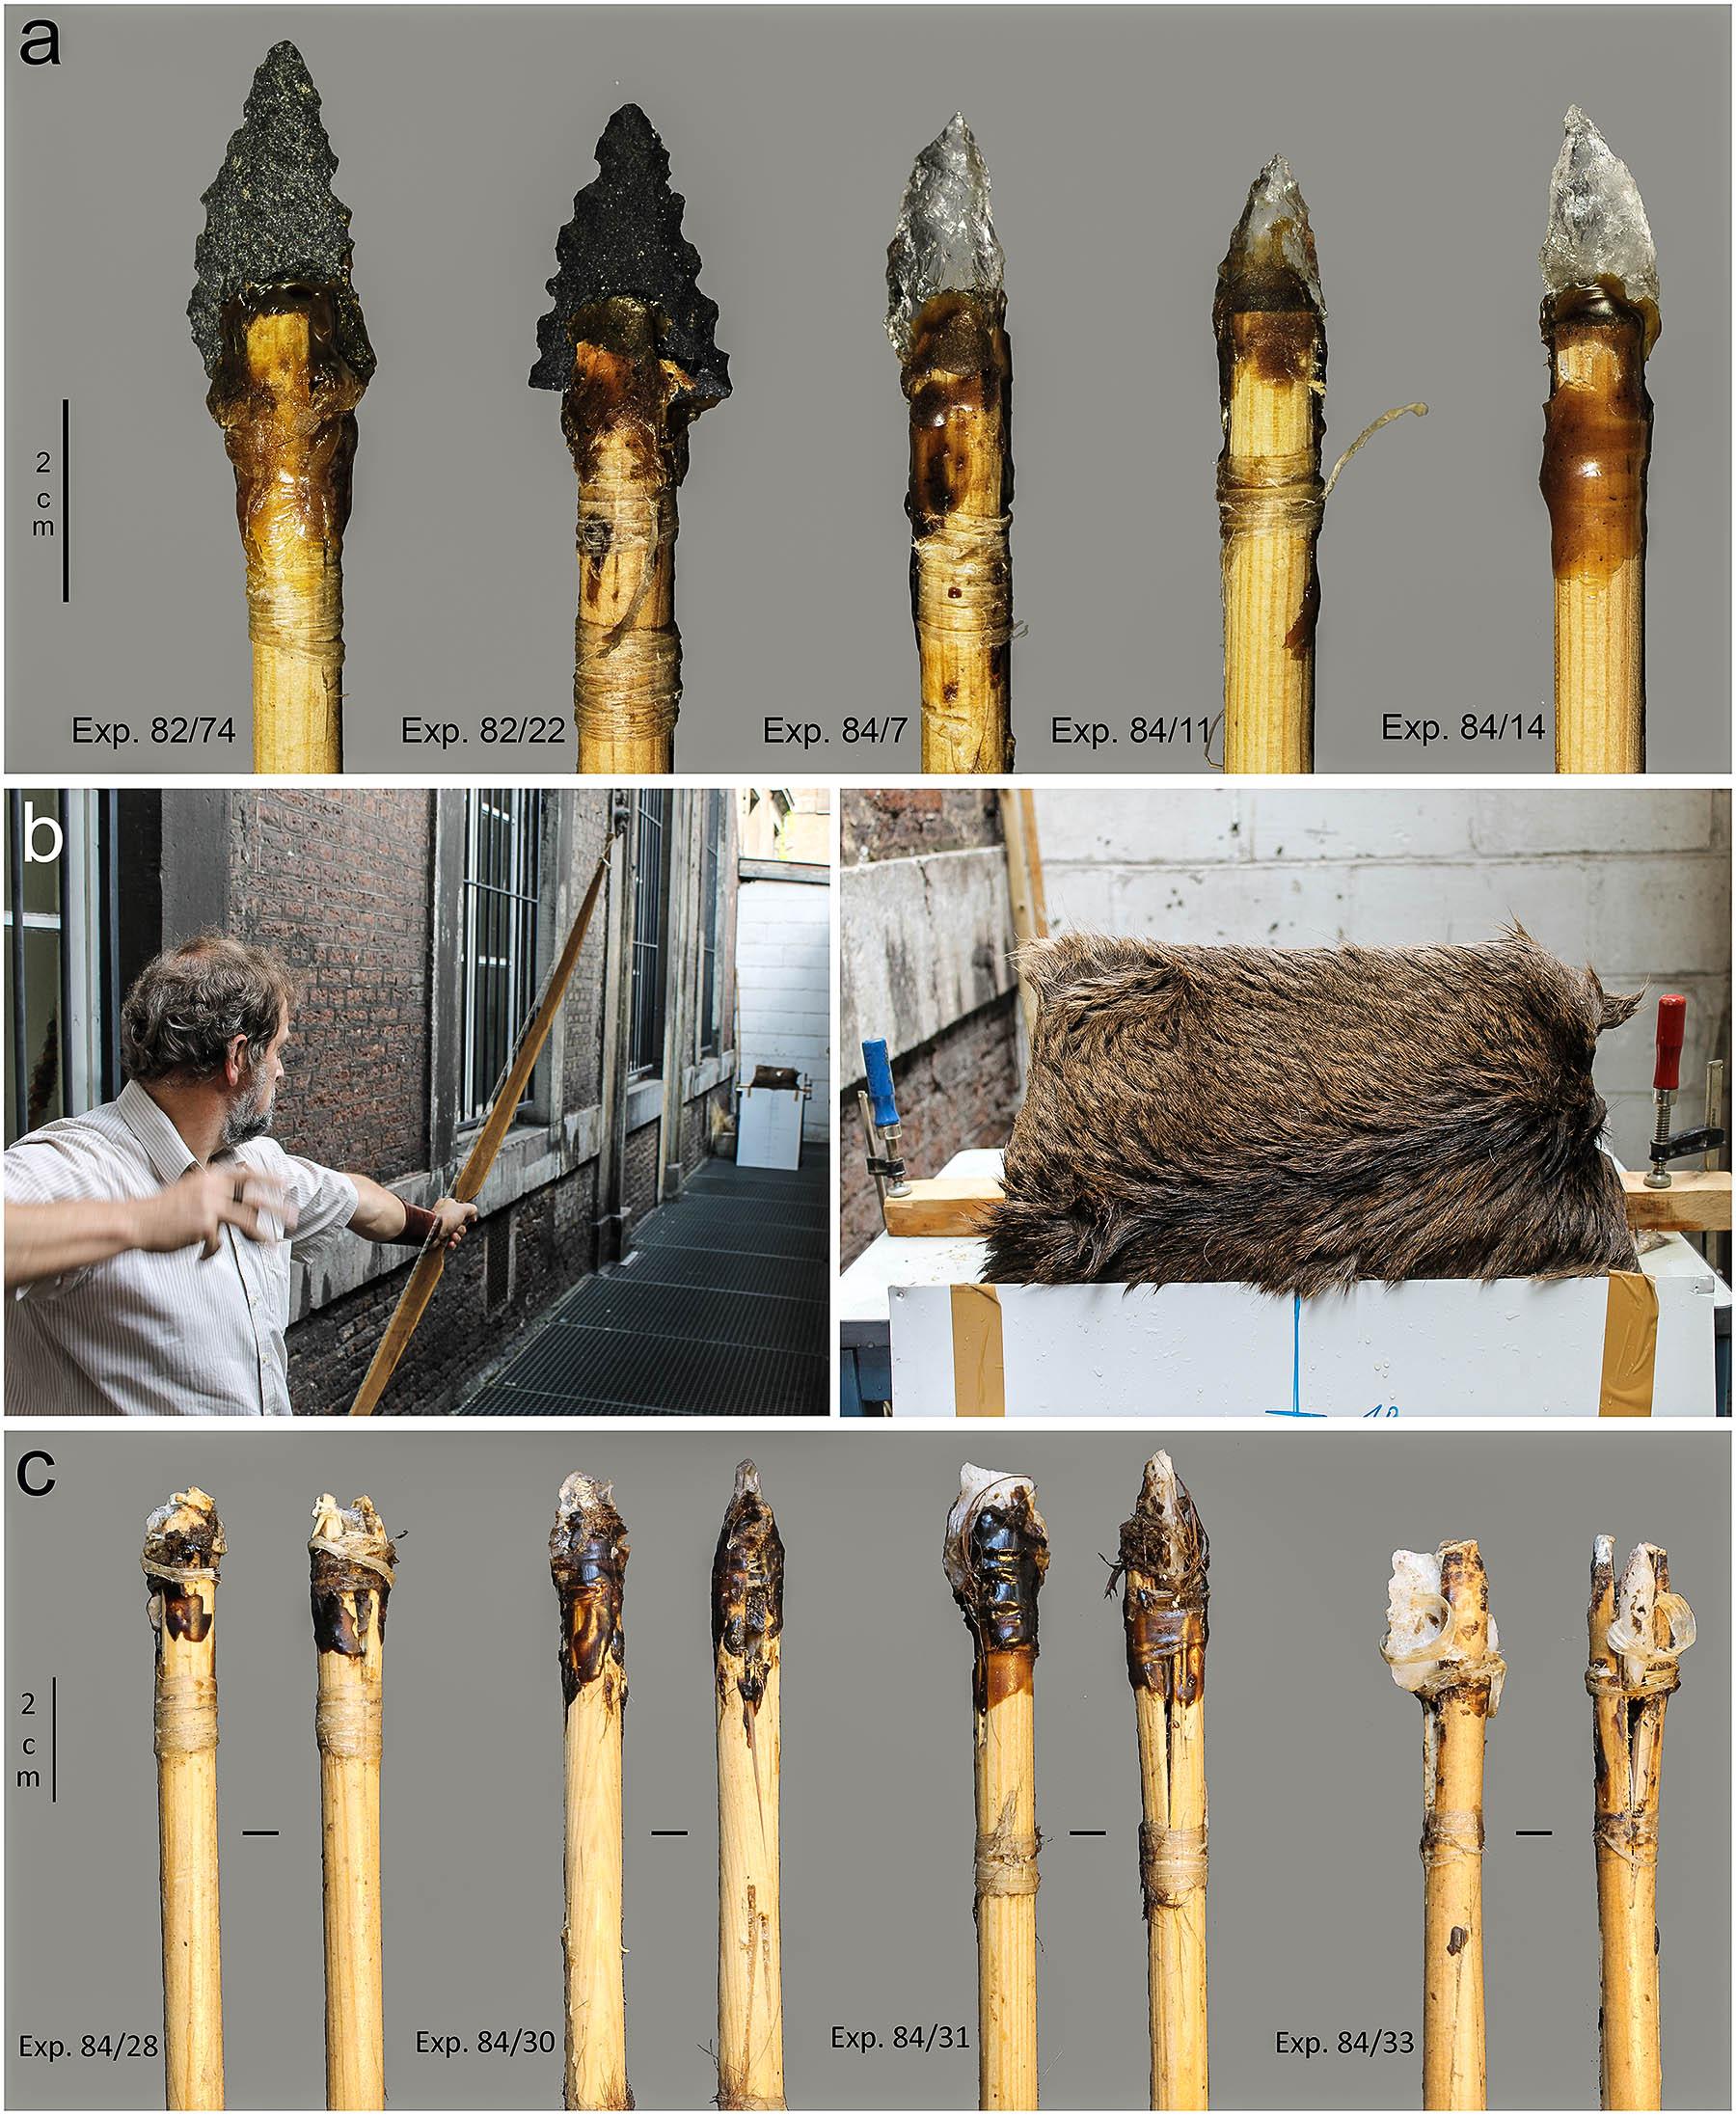 a) šípy před experimentem, b) střelba z luku a terč, c) poškození šípů po střelbě